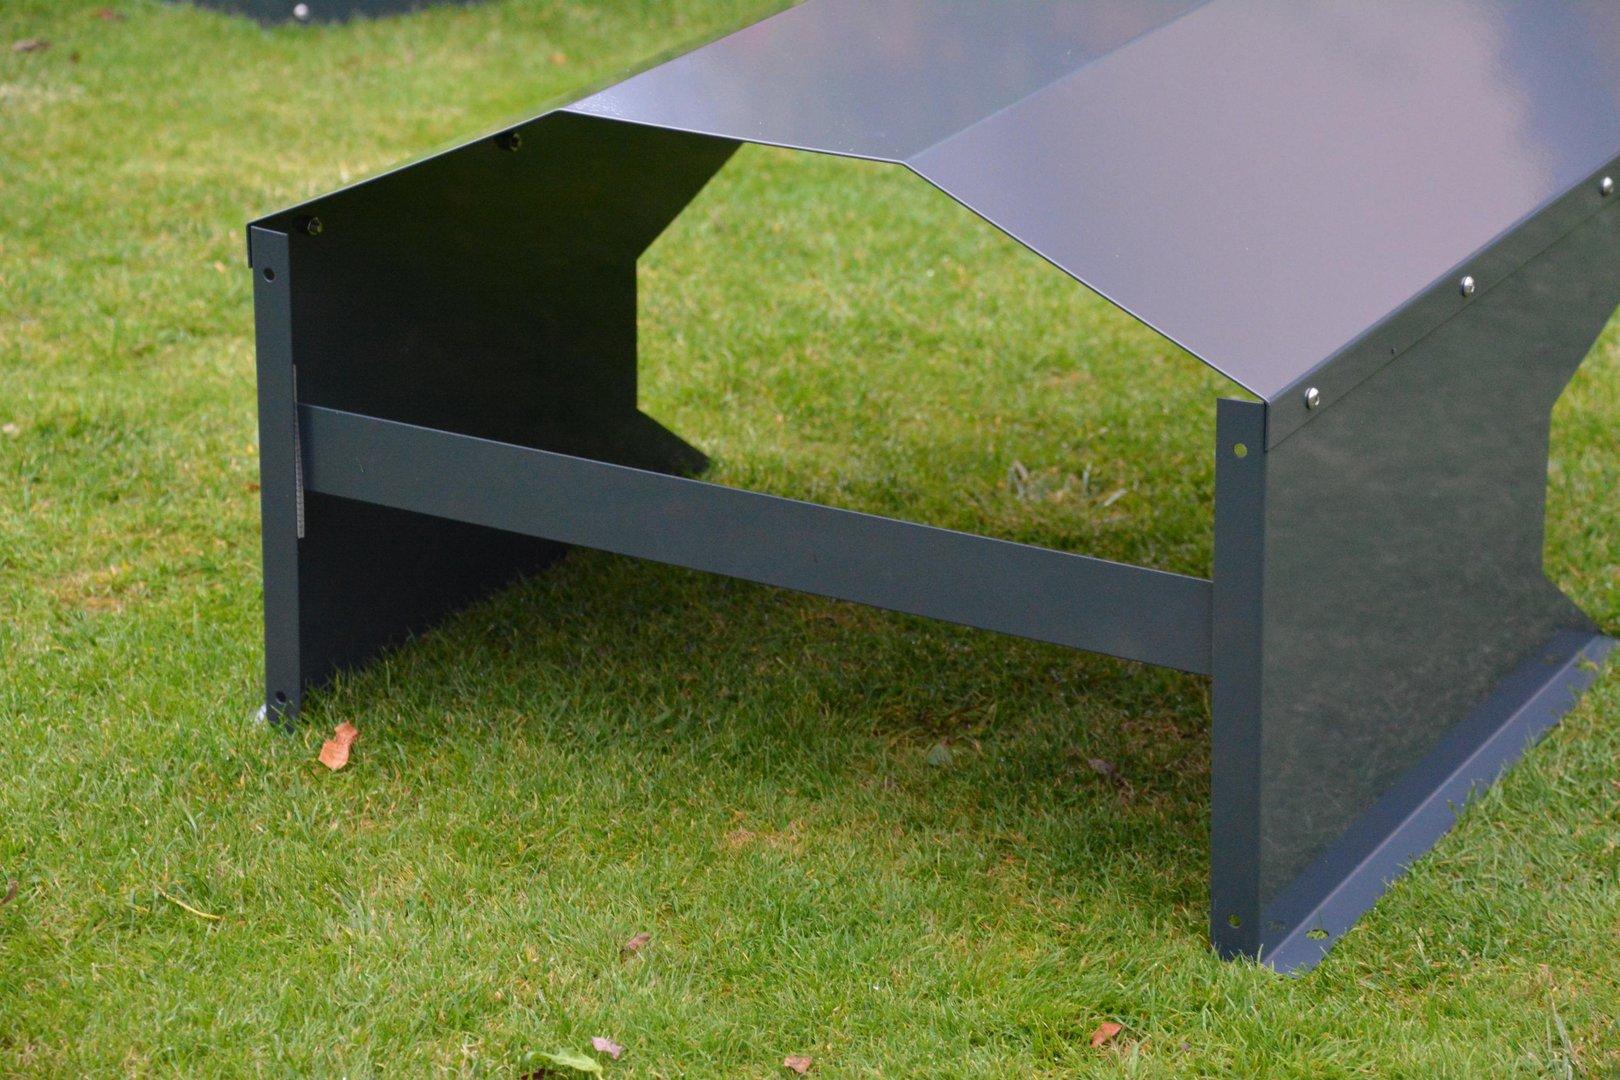 m hroboter garage hausdach farbe nach farbkarte alles f r haus und garten aus metall. Black Bedroom Furniture Sets. Home Design Ideas